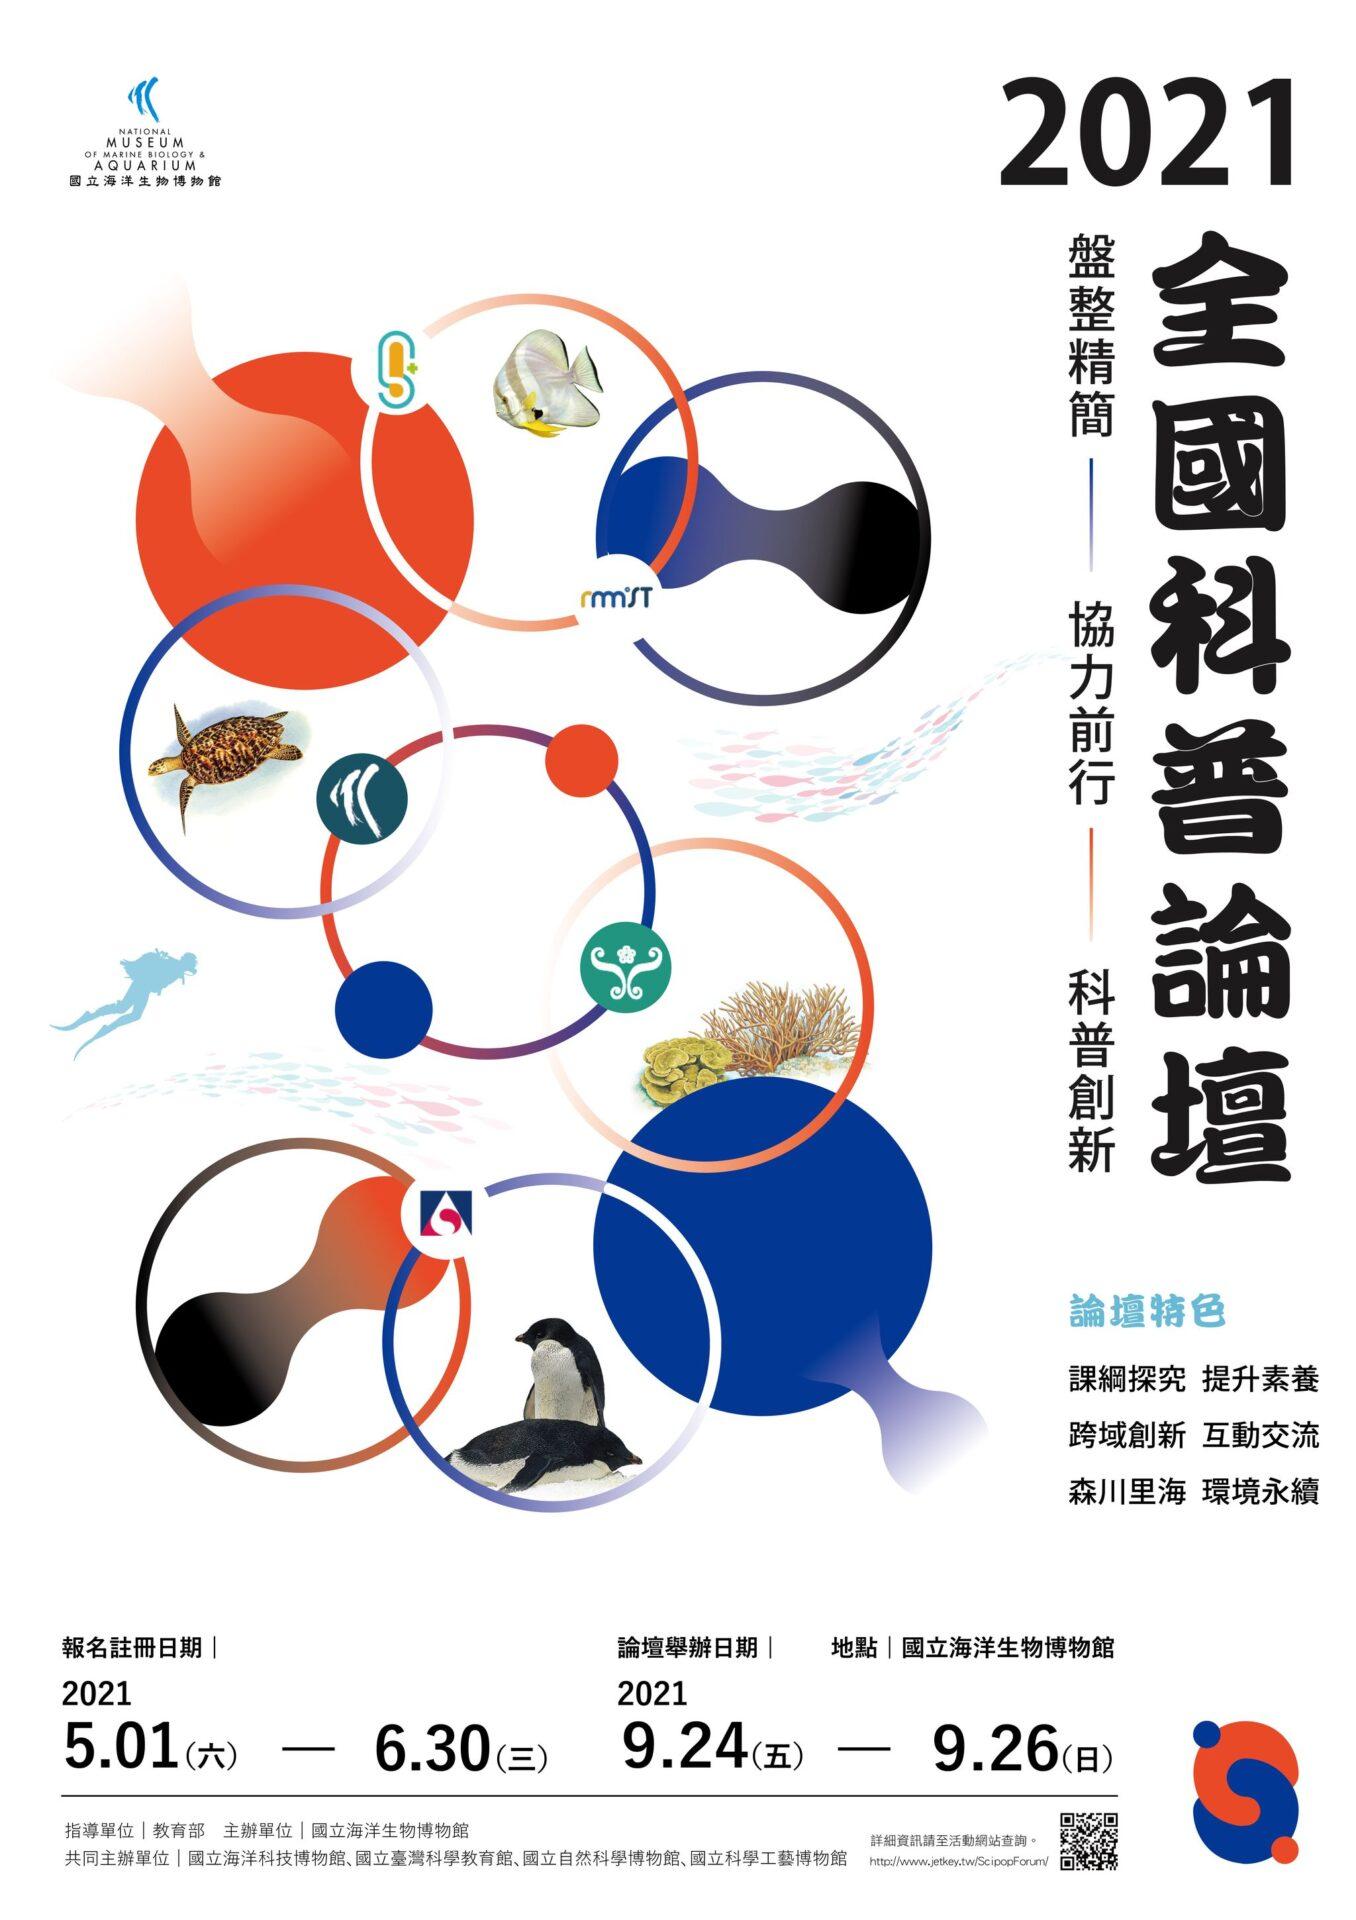 國立海洋生物博物館:9/24-9/26【2021全國科普論壇】